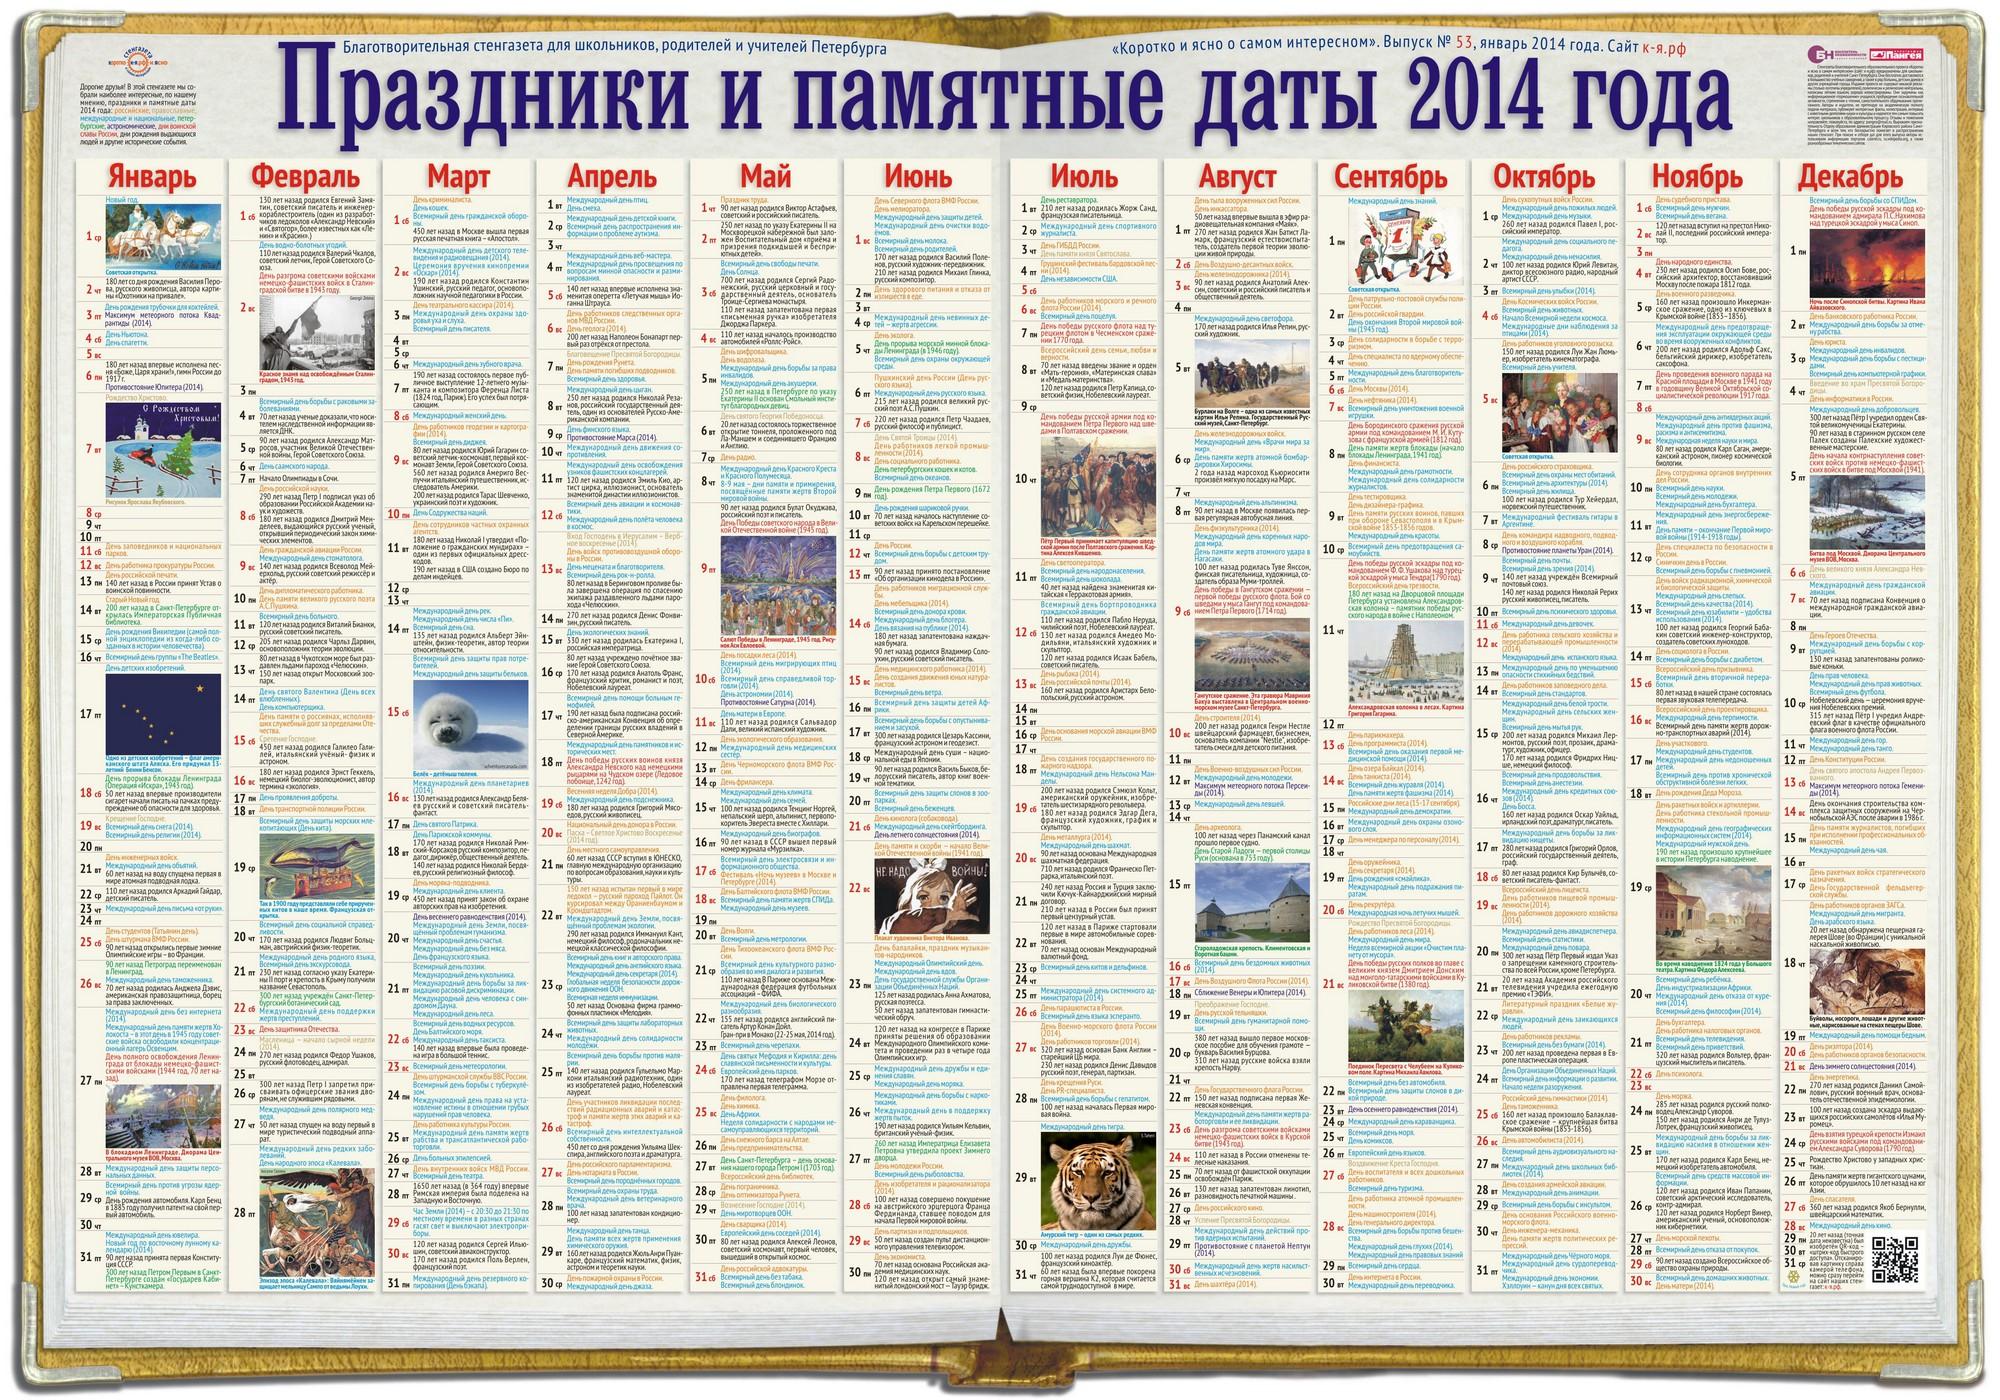 Стенгазета «Праздники и памятные даты 2014 года»